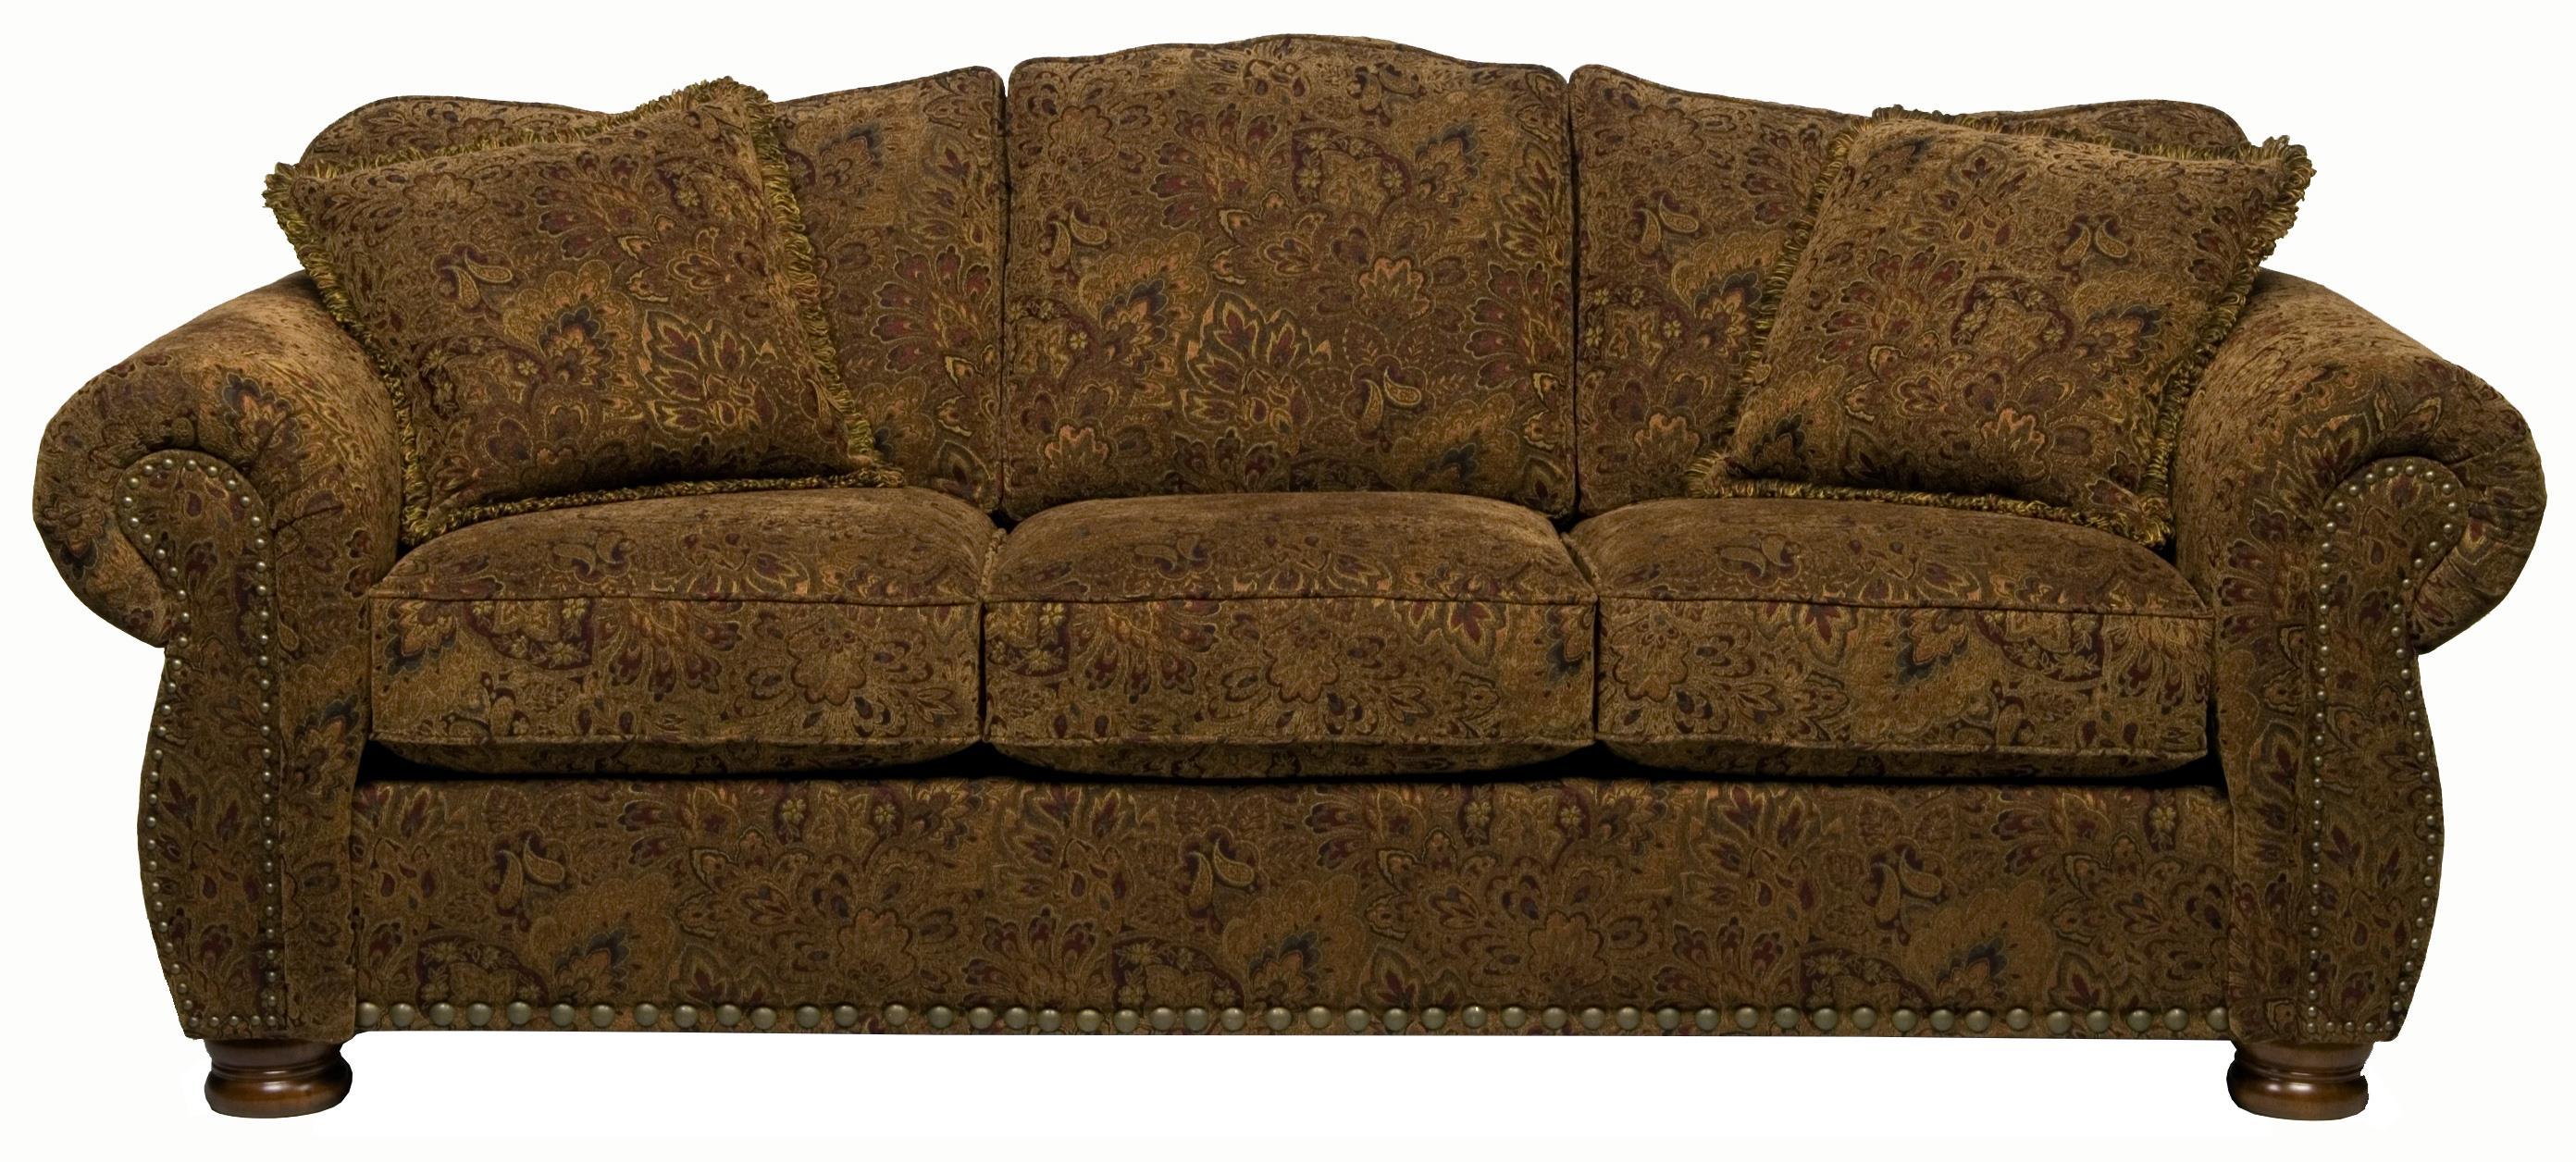 Stanton 326  Camel Back Queen Gel Sofa Sleeper - Item Number: 326-15G